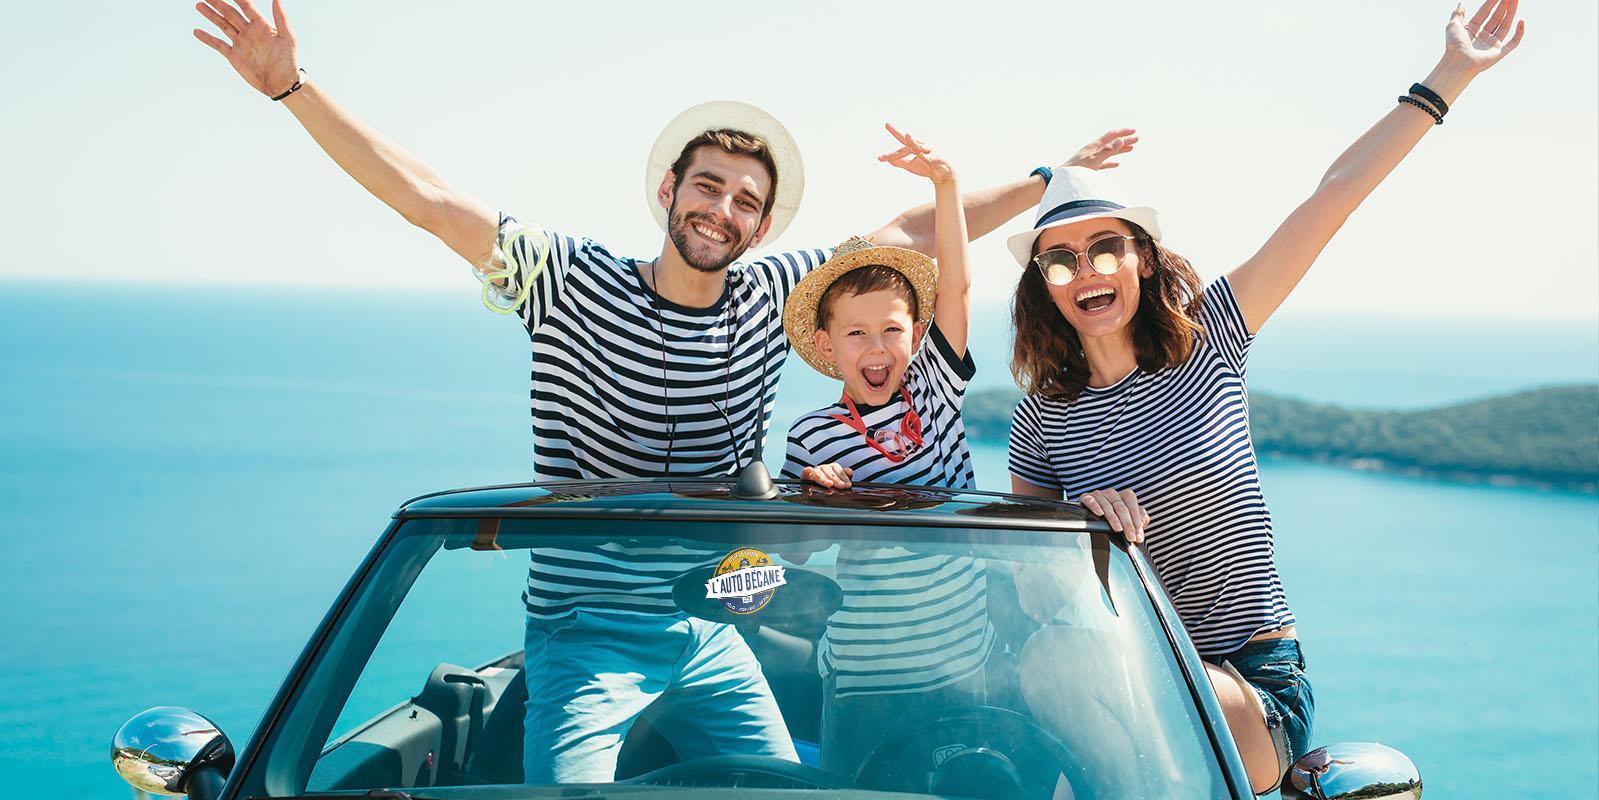 Voyage en voiture jusqu'à la mer. Les gens s'amusent avec Autobecane.com